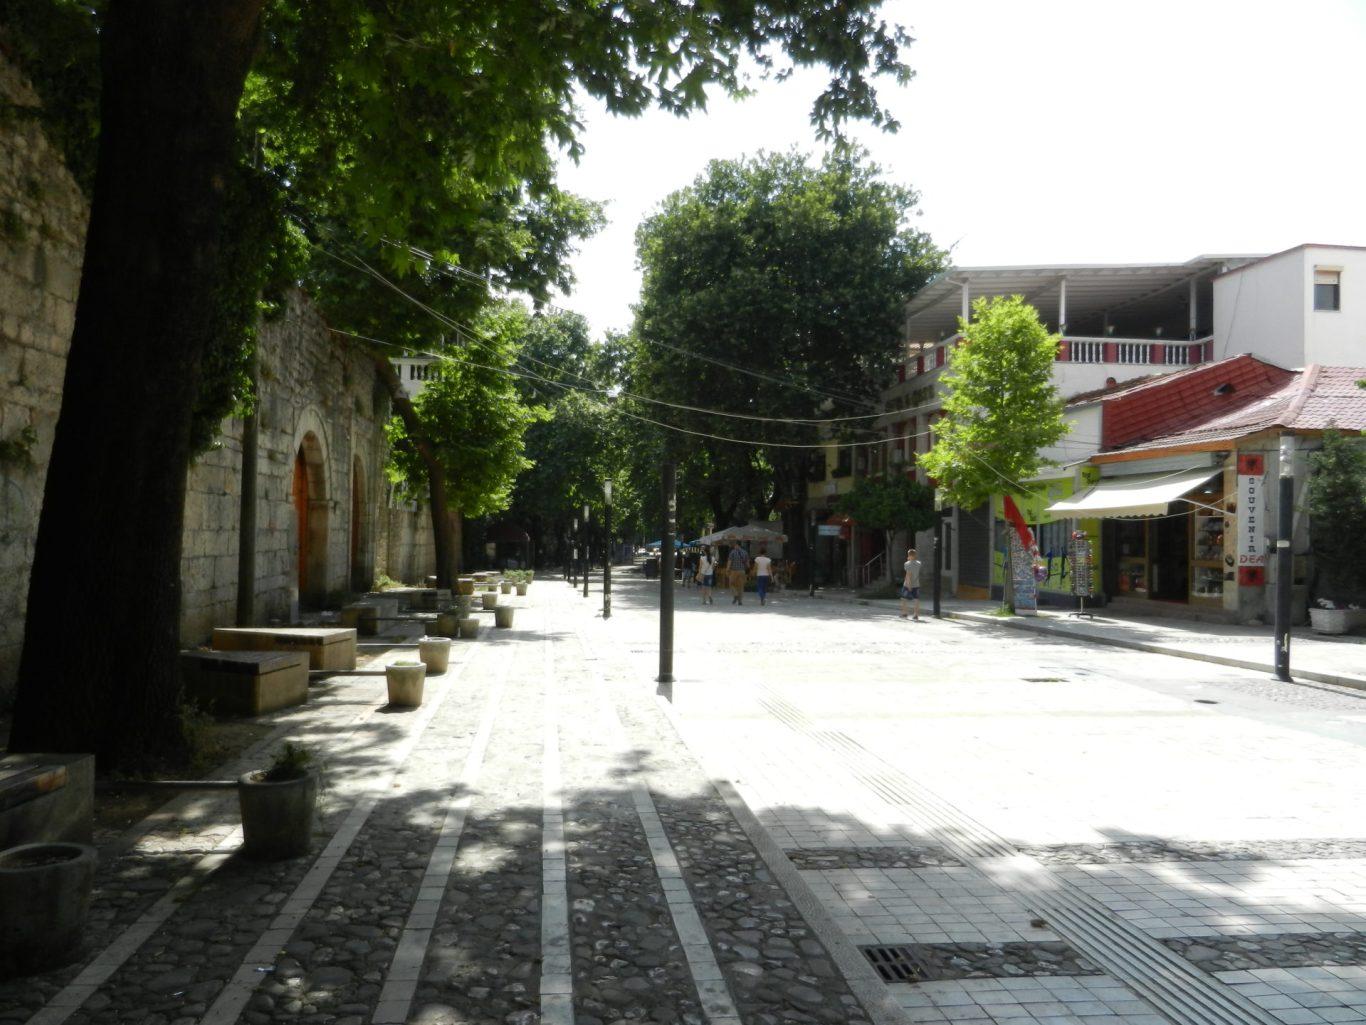 Streets of Tirana, Albania